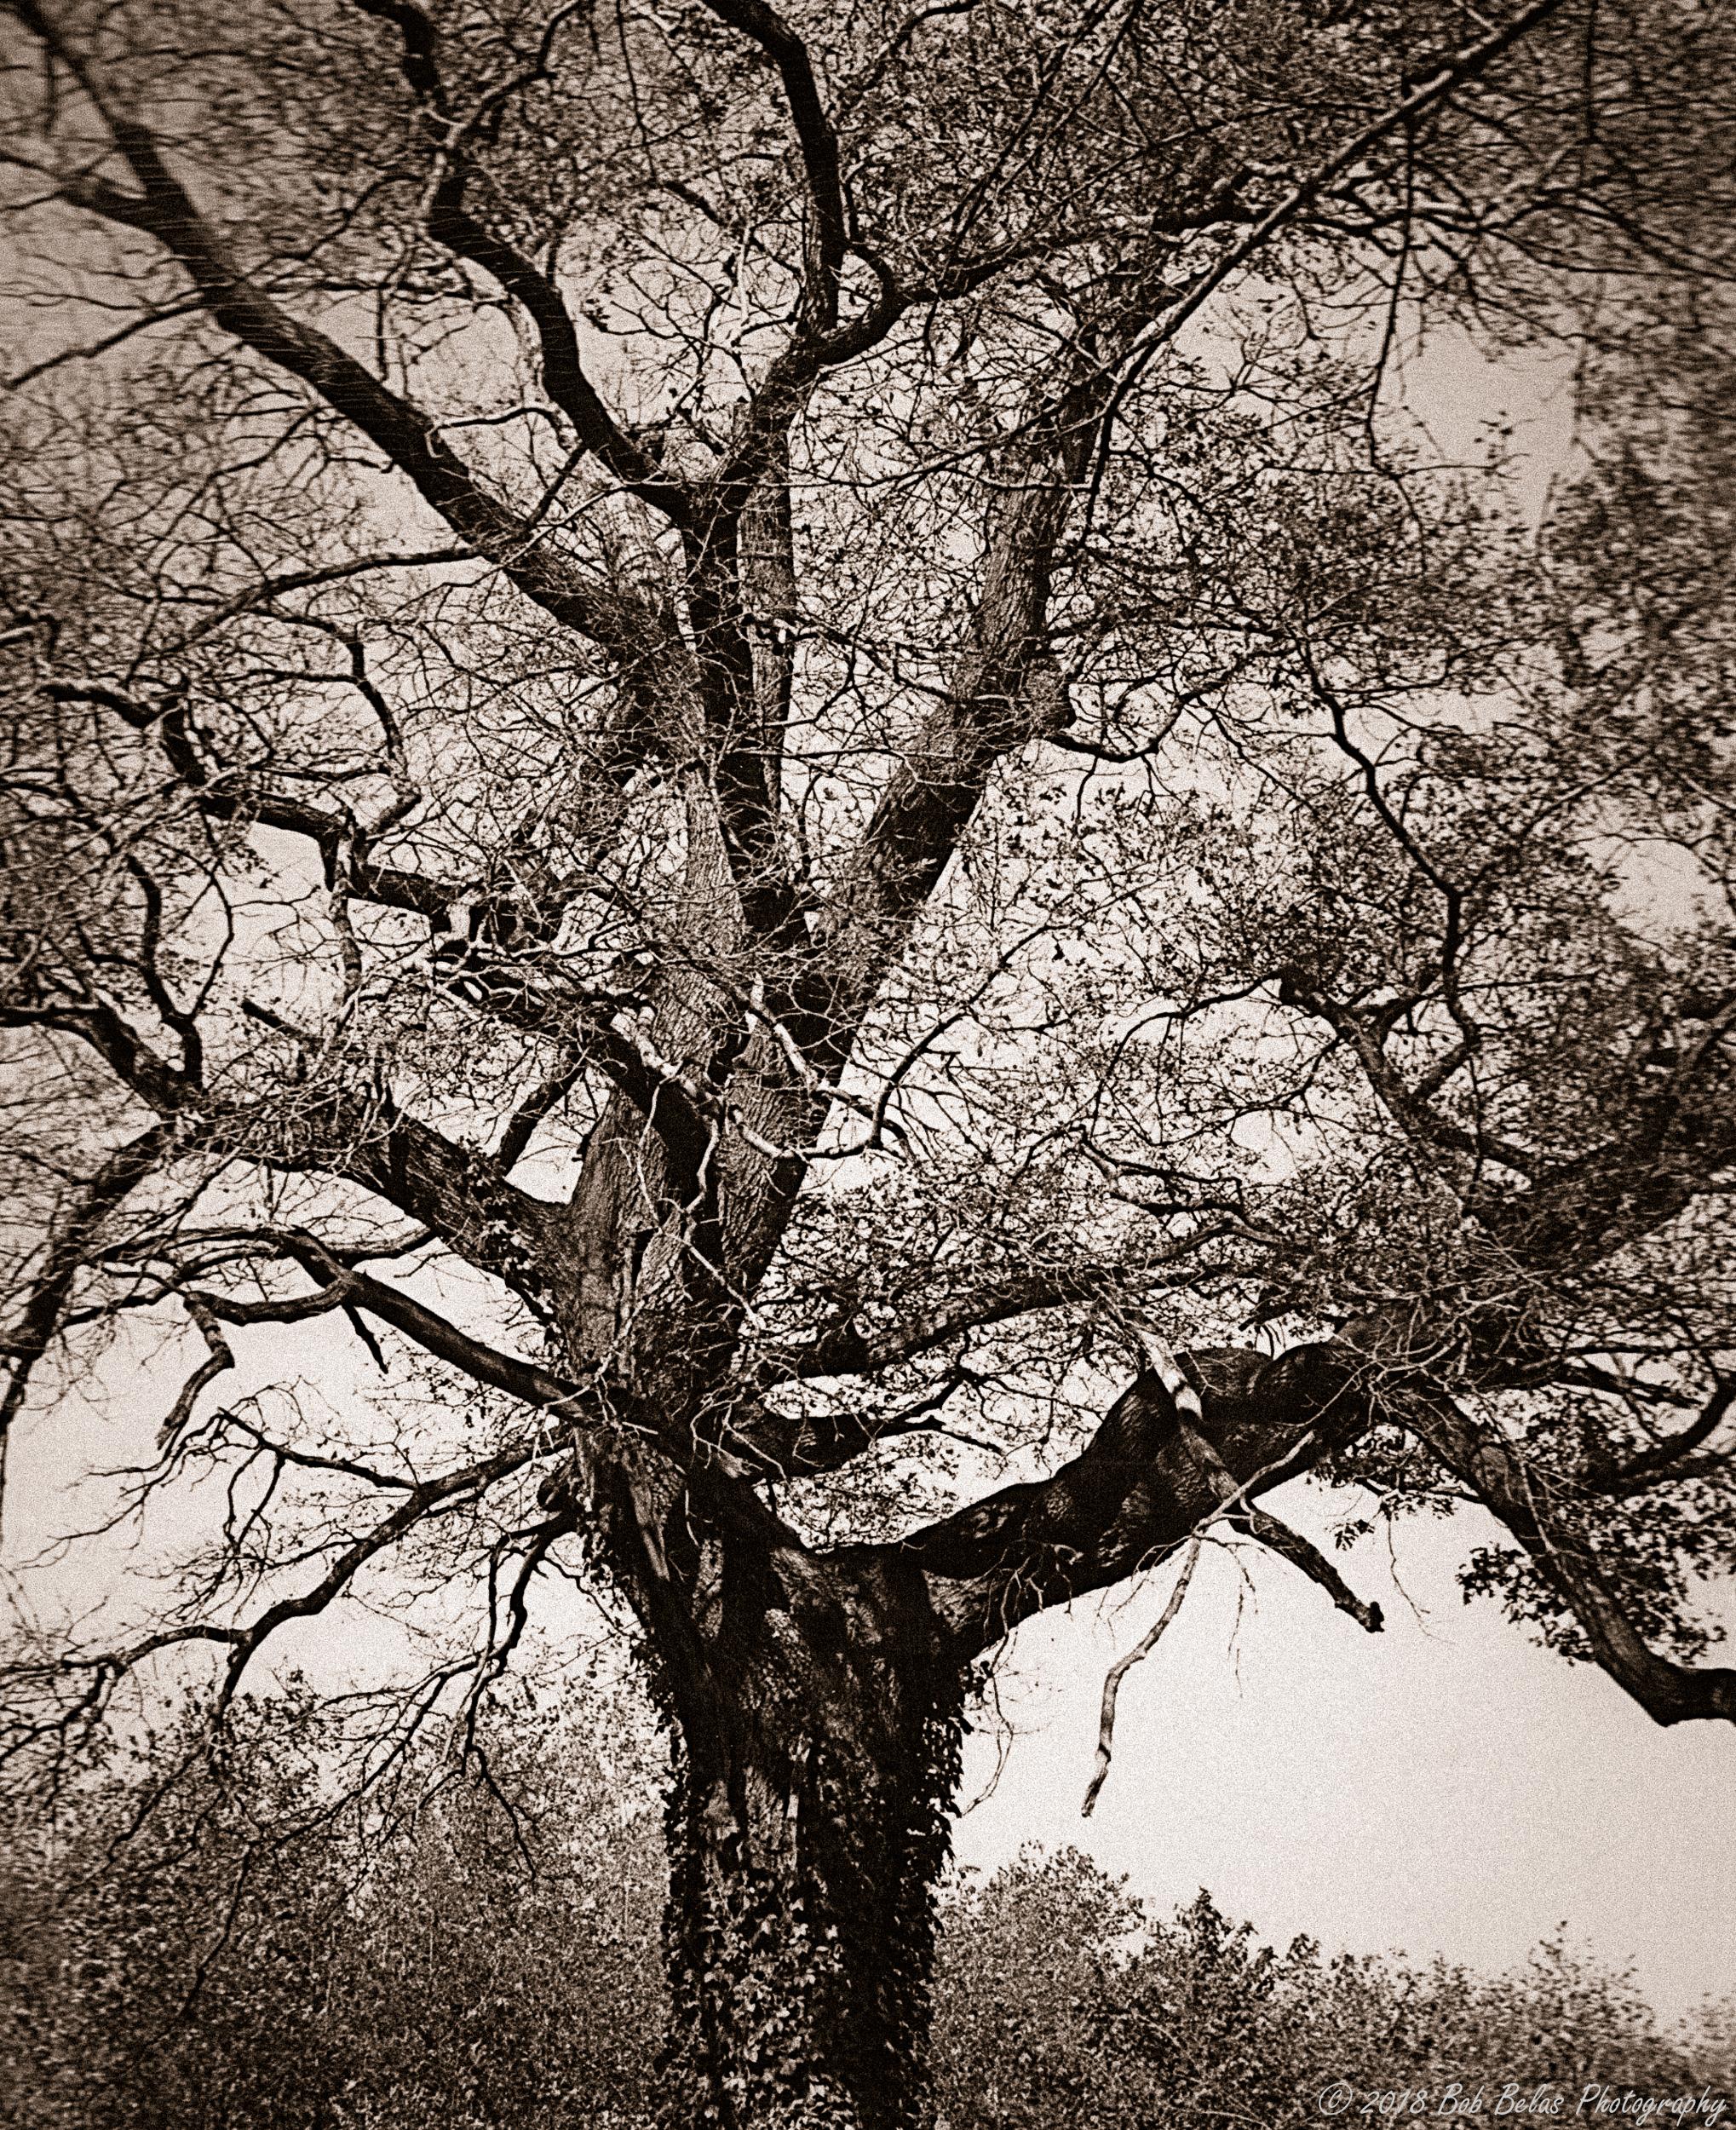 Oak, monochrome